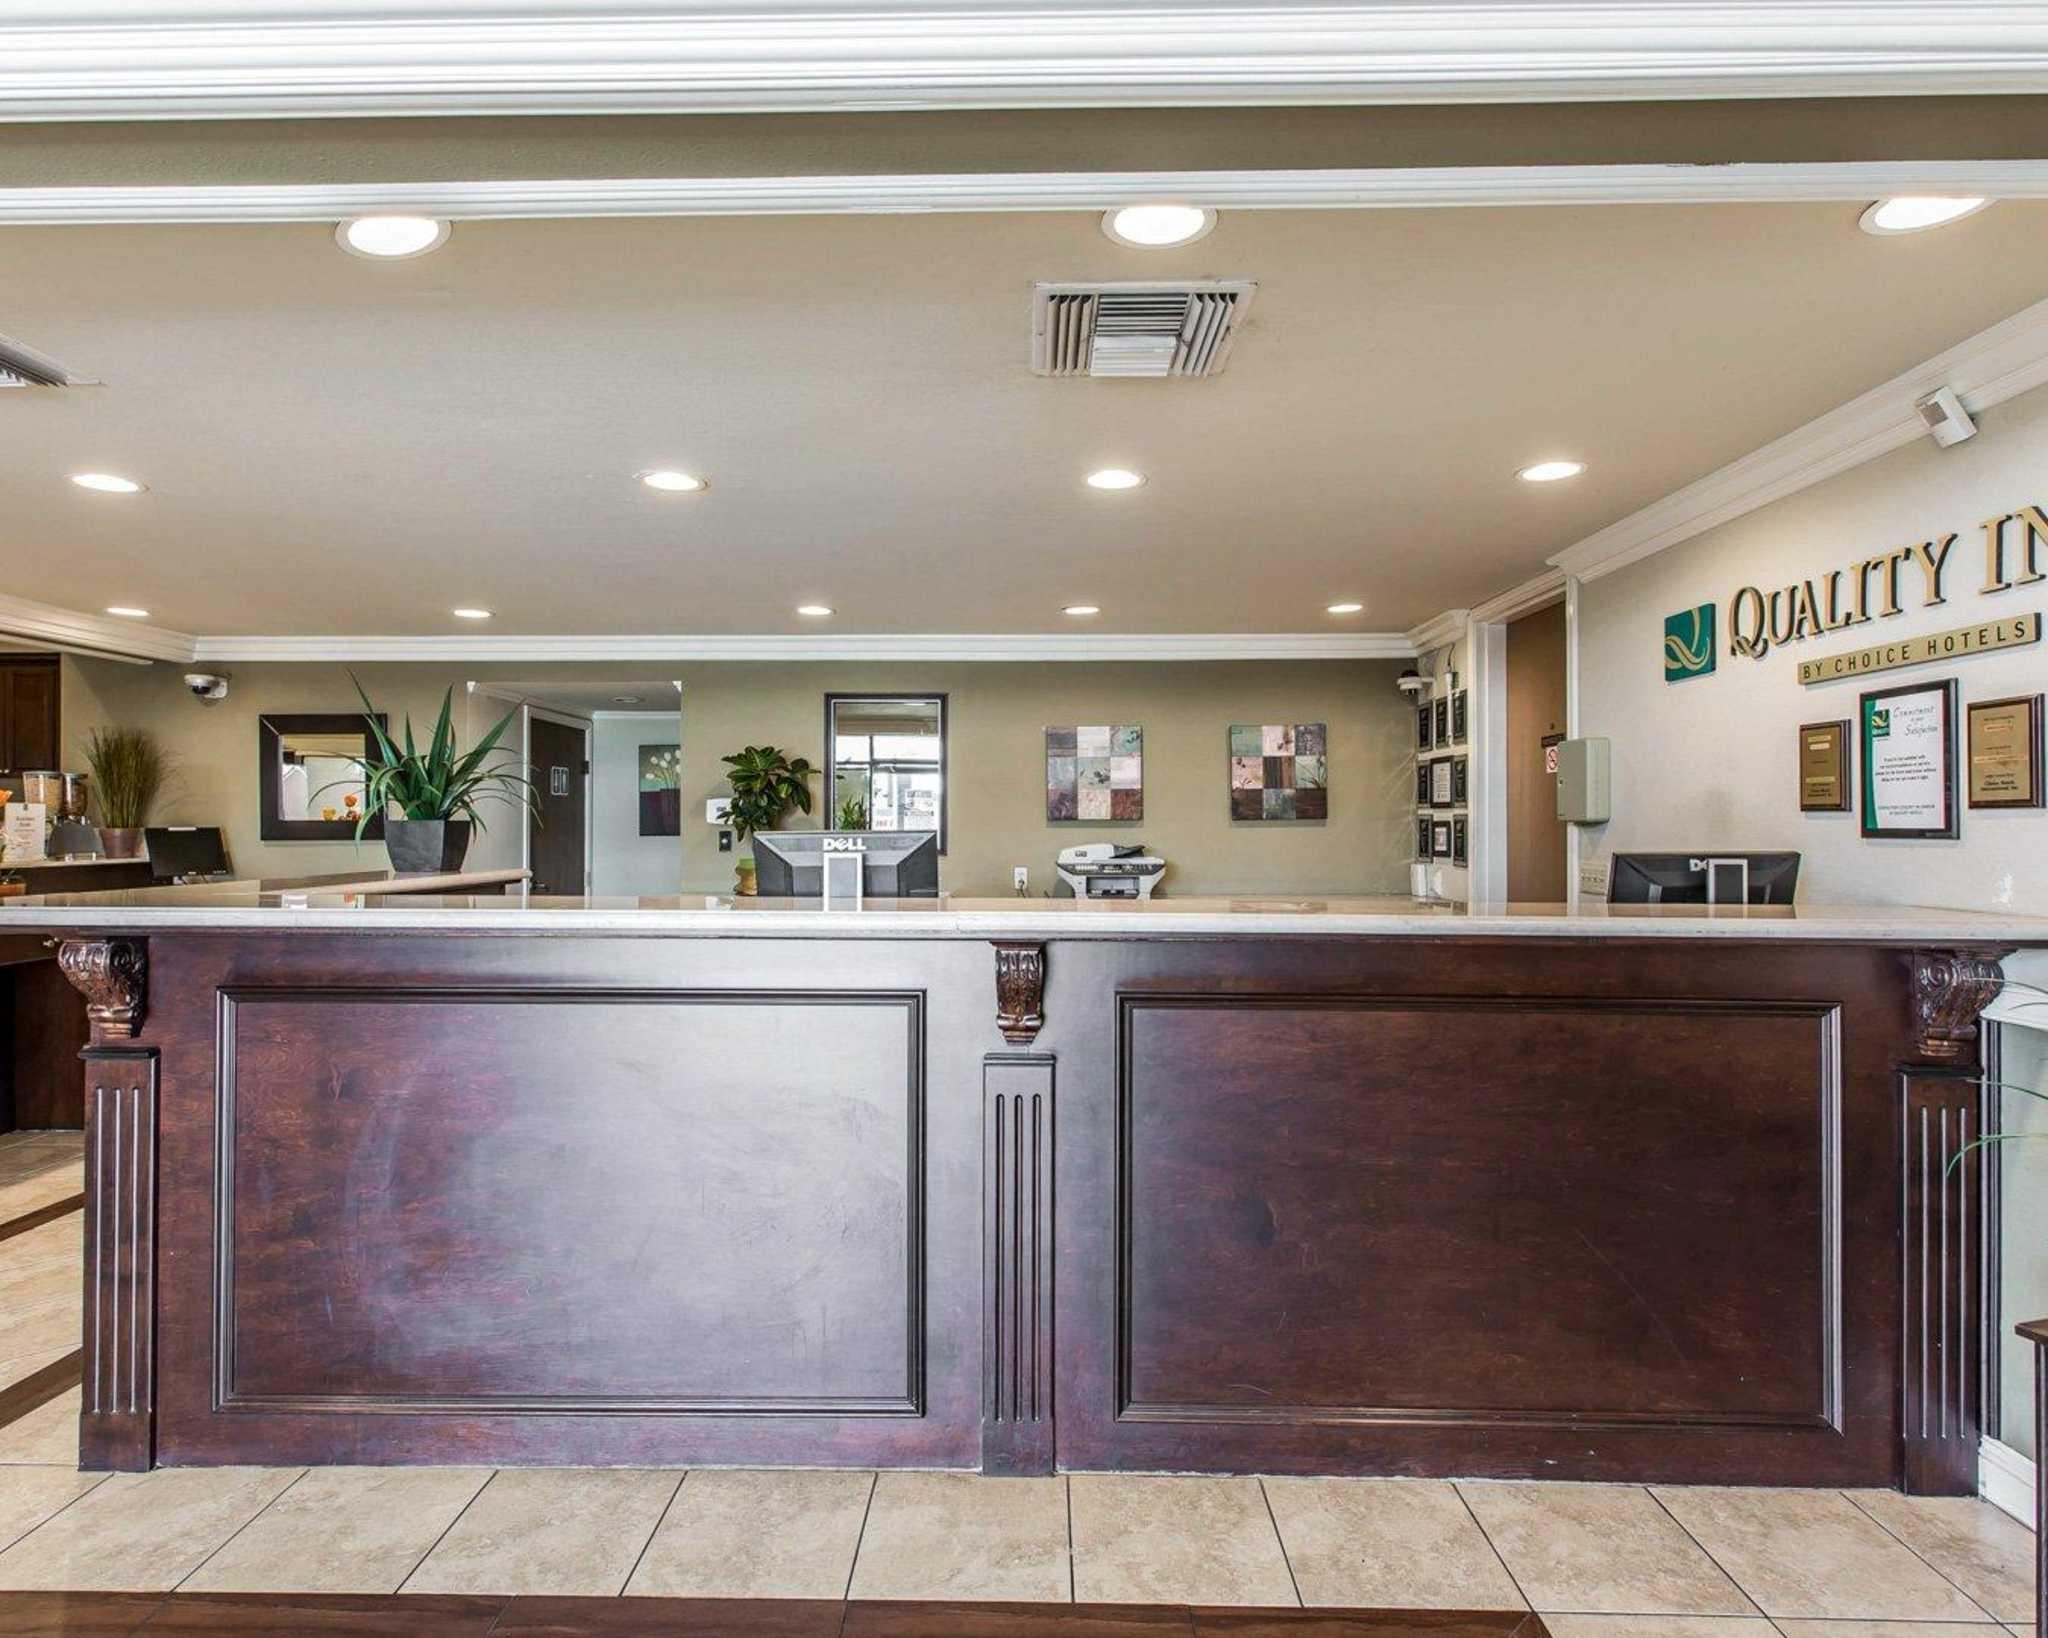 Quality Inn Long Beach Airport image 16